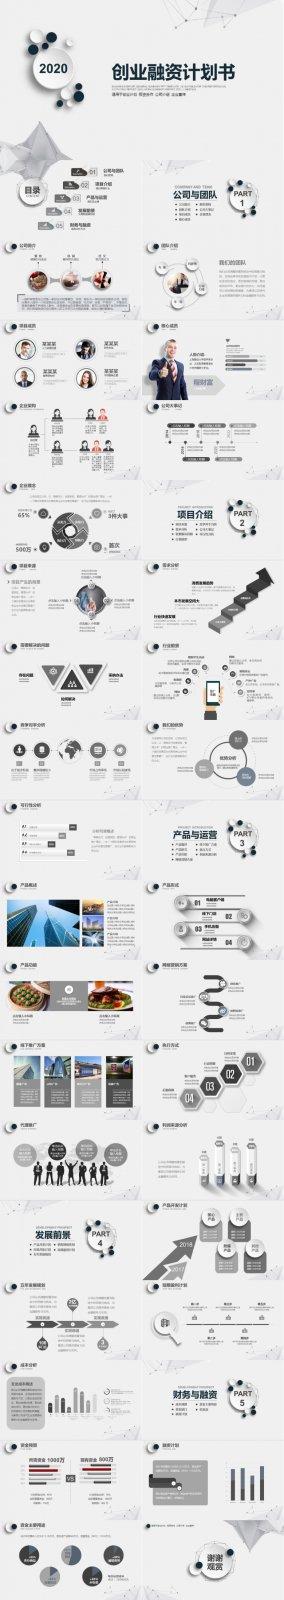 大气灰色创业融资计划书商业计划书企业宣传PPT模版